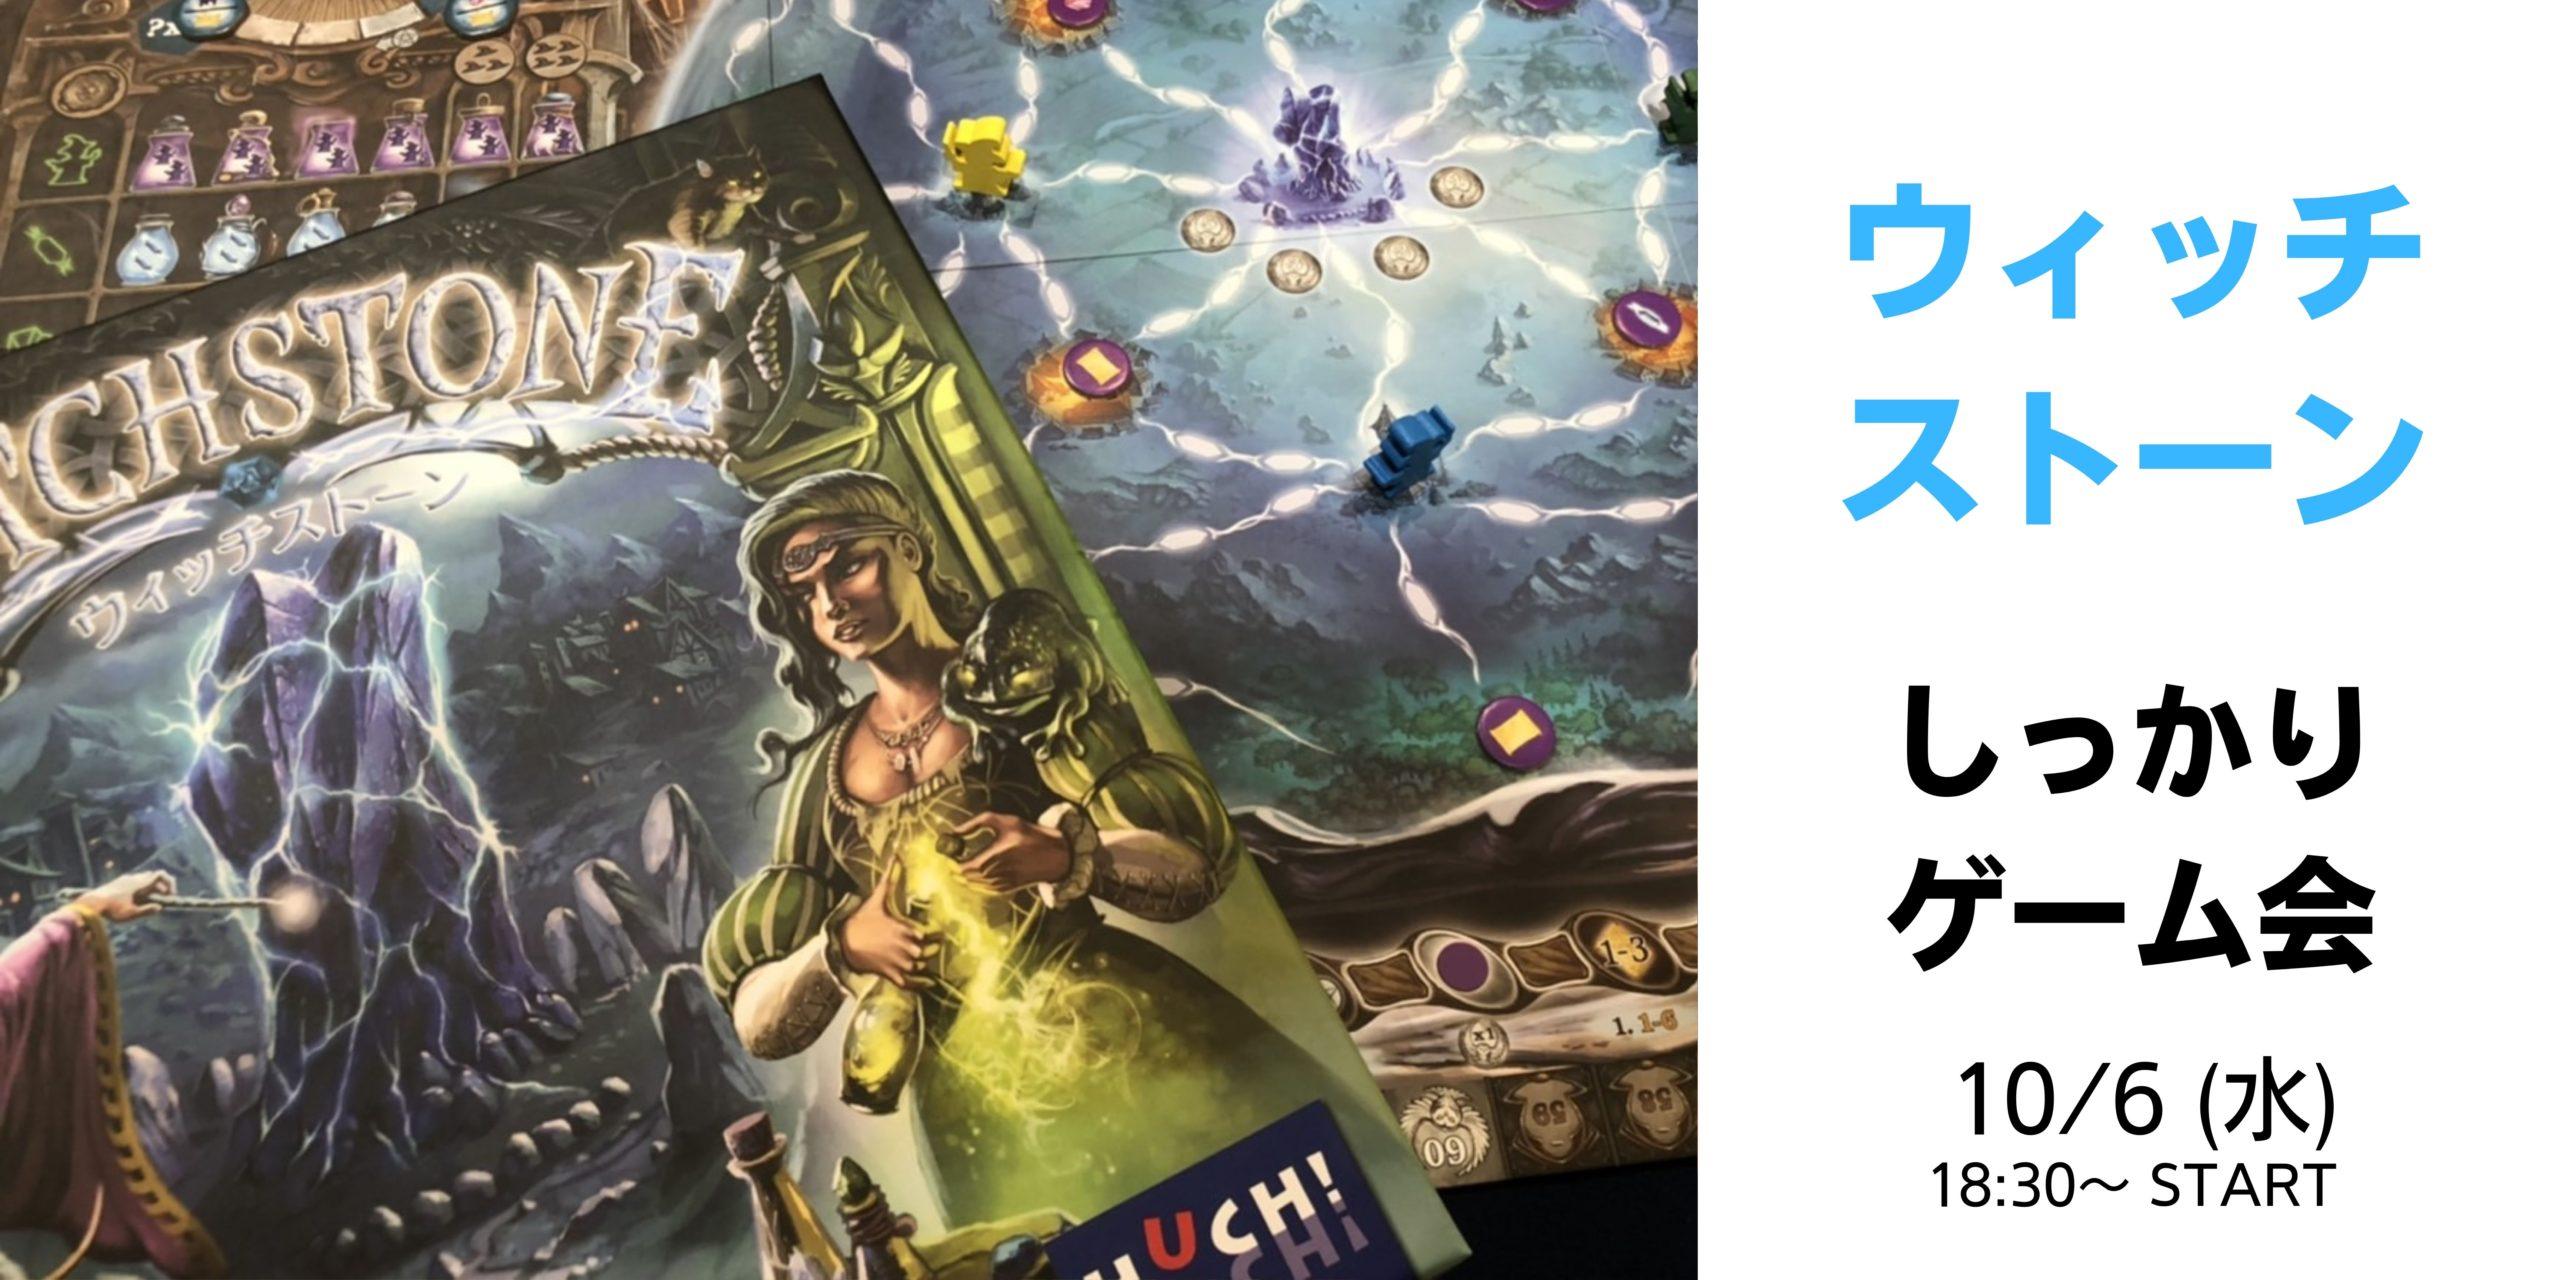 しっかりゲーム会 ウィッチストーン 10/6(水) 18時半スタート